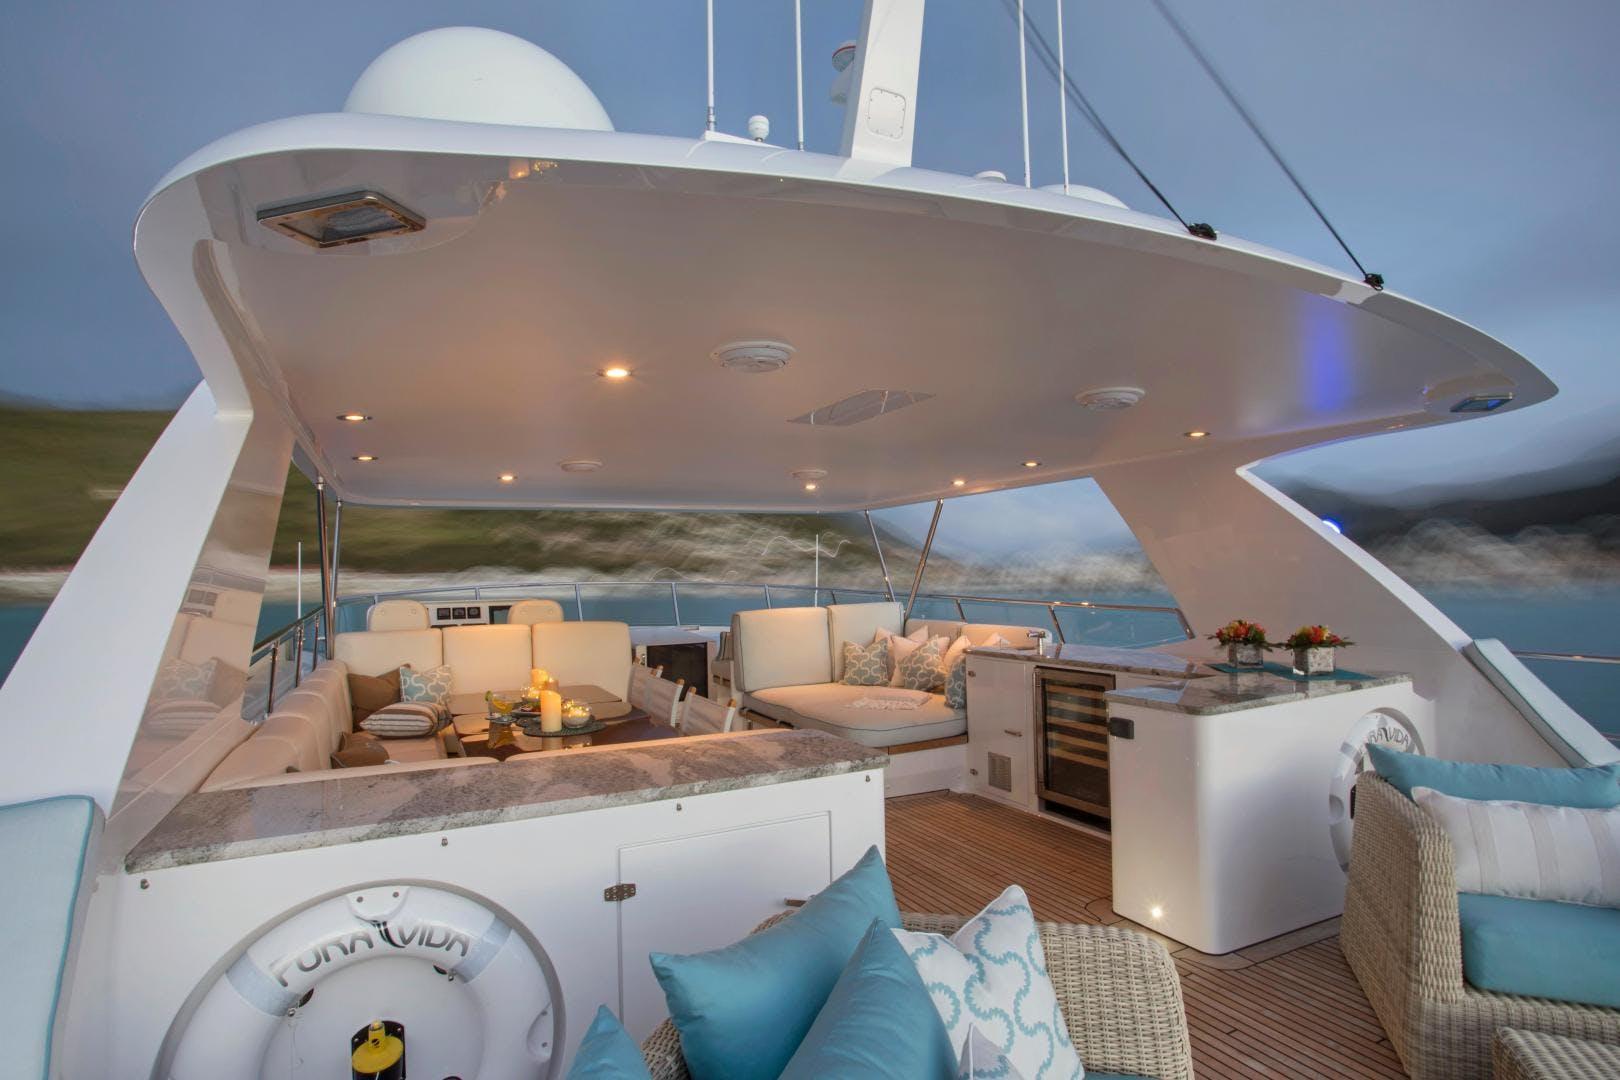 2009 Moonen 98' Flybridge Motor Yacht PURA VIDA | Picture 6 of 52